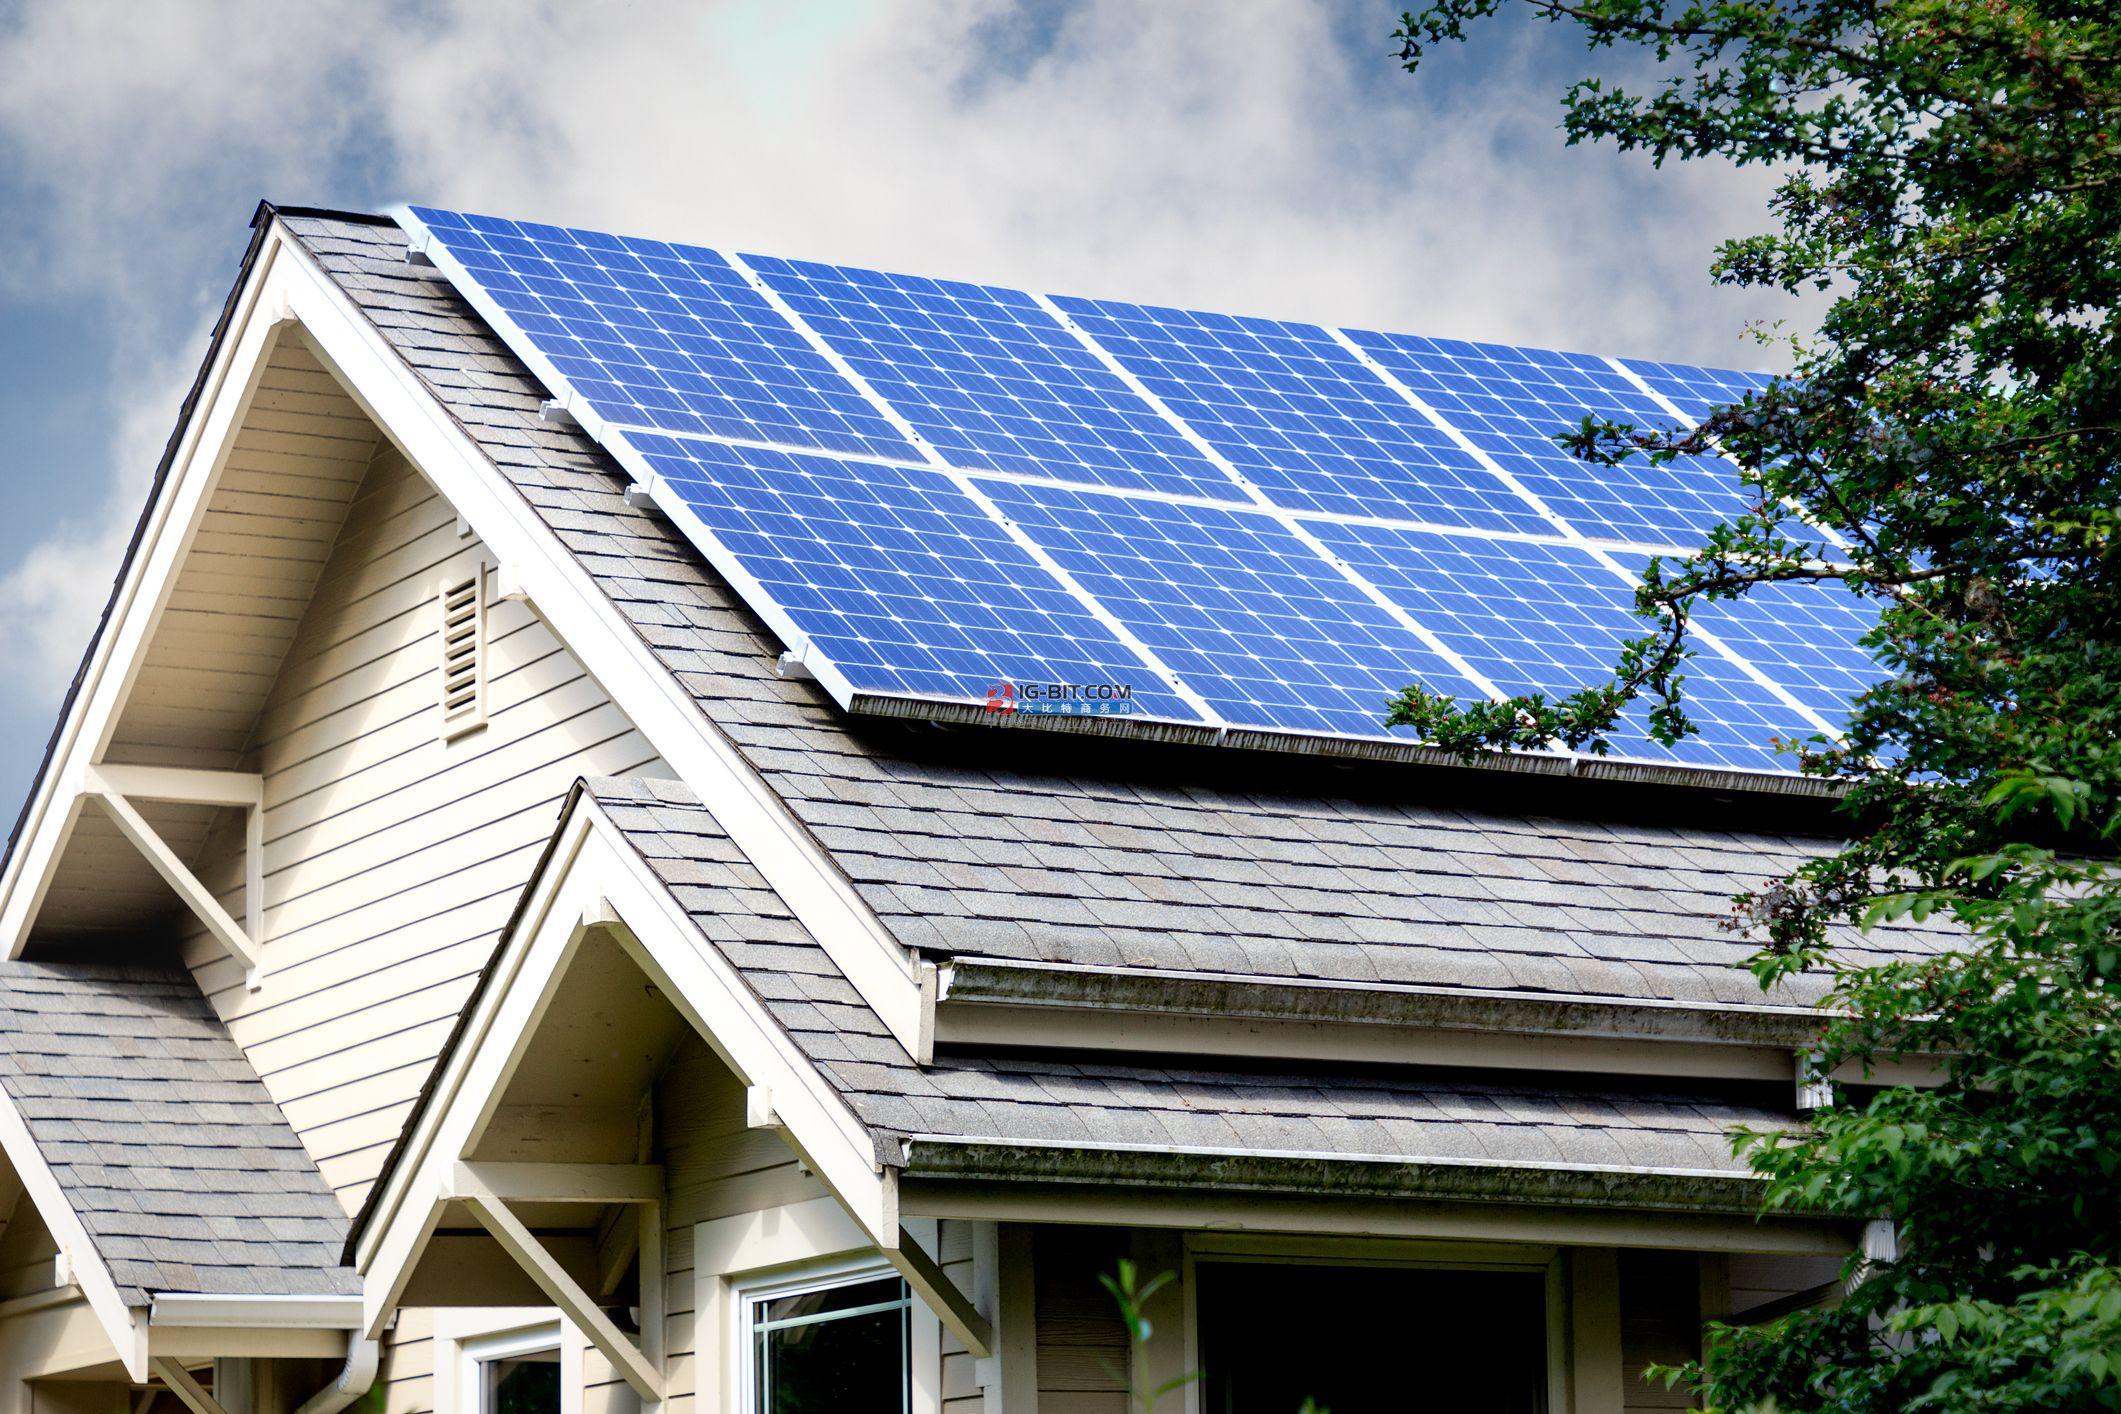 受疫情影响,澳大利亚屋顶市场安装量下降50%